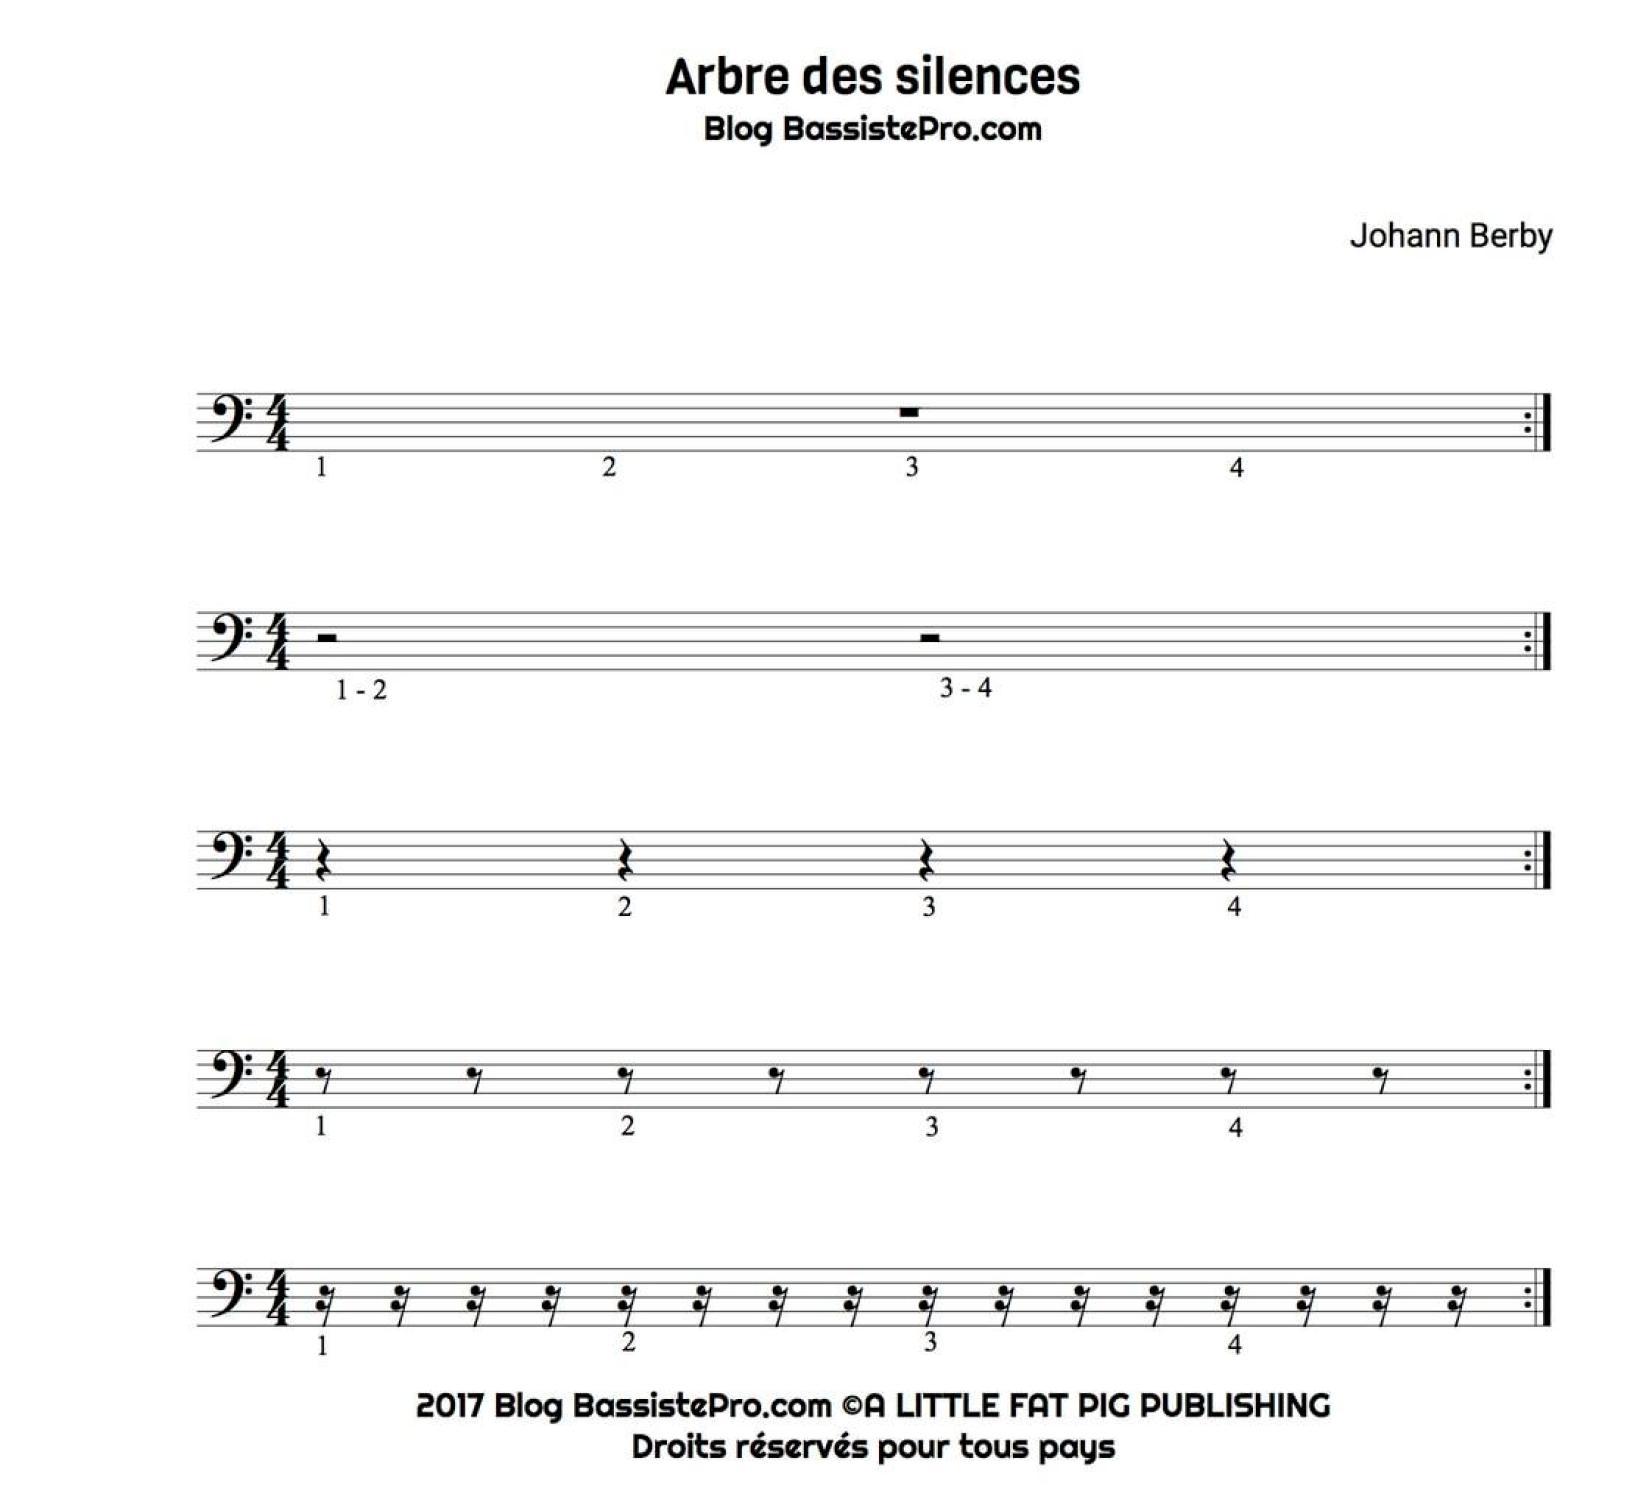 Arbre valeurs rythmiques les silences